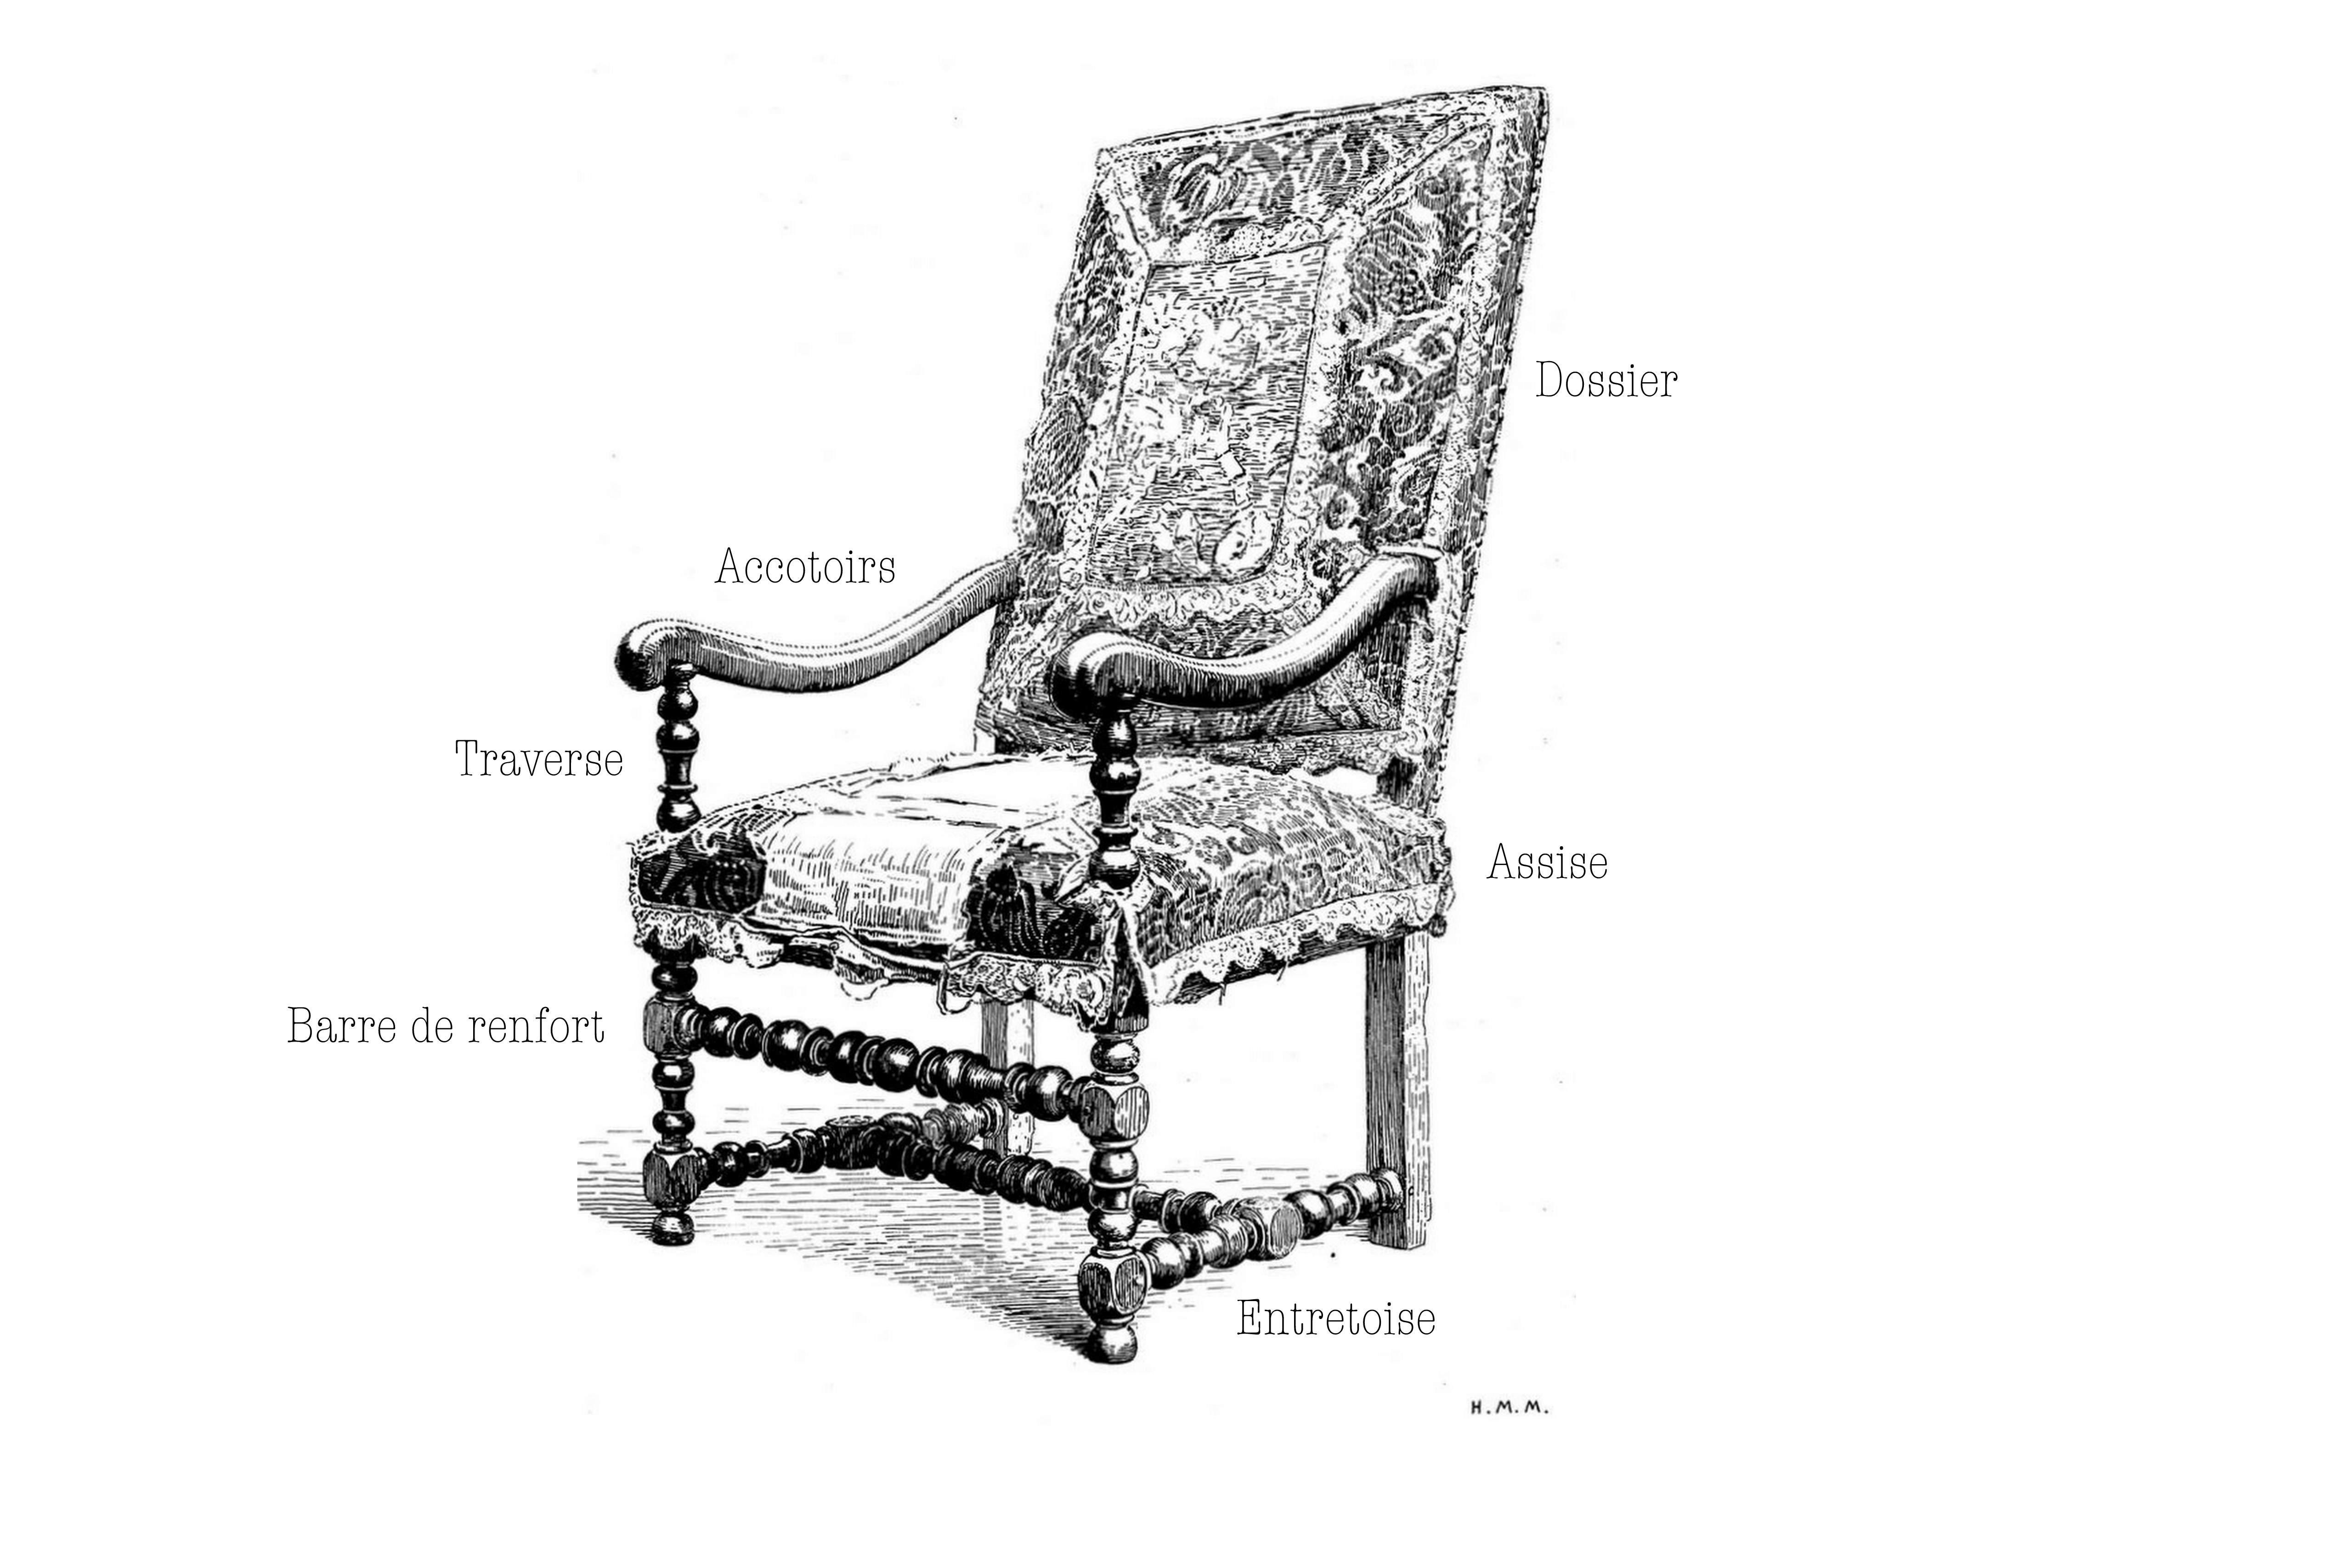 le fauteuil travers les styles partie i origine de louis xiii au style r gence. Black Bedroom Furniture Sets. Home Design Ideas